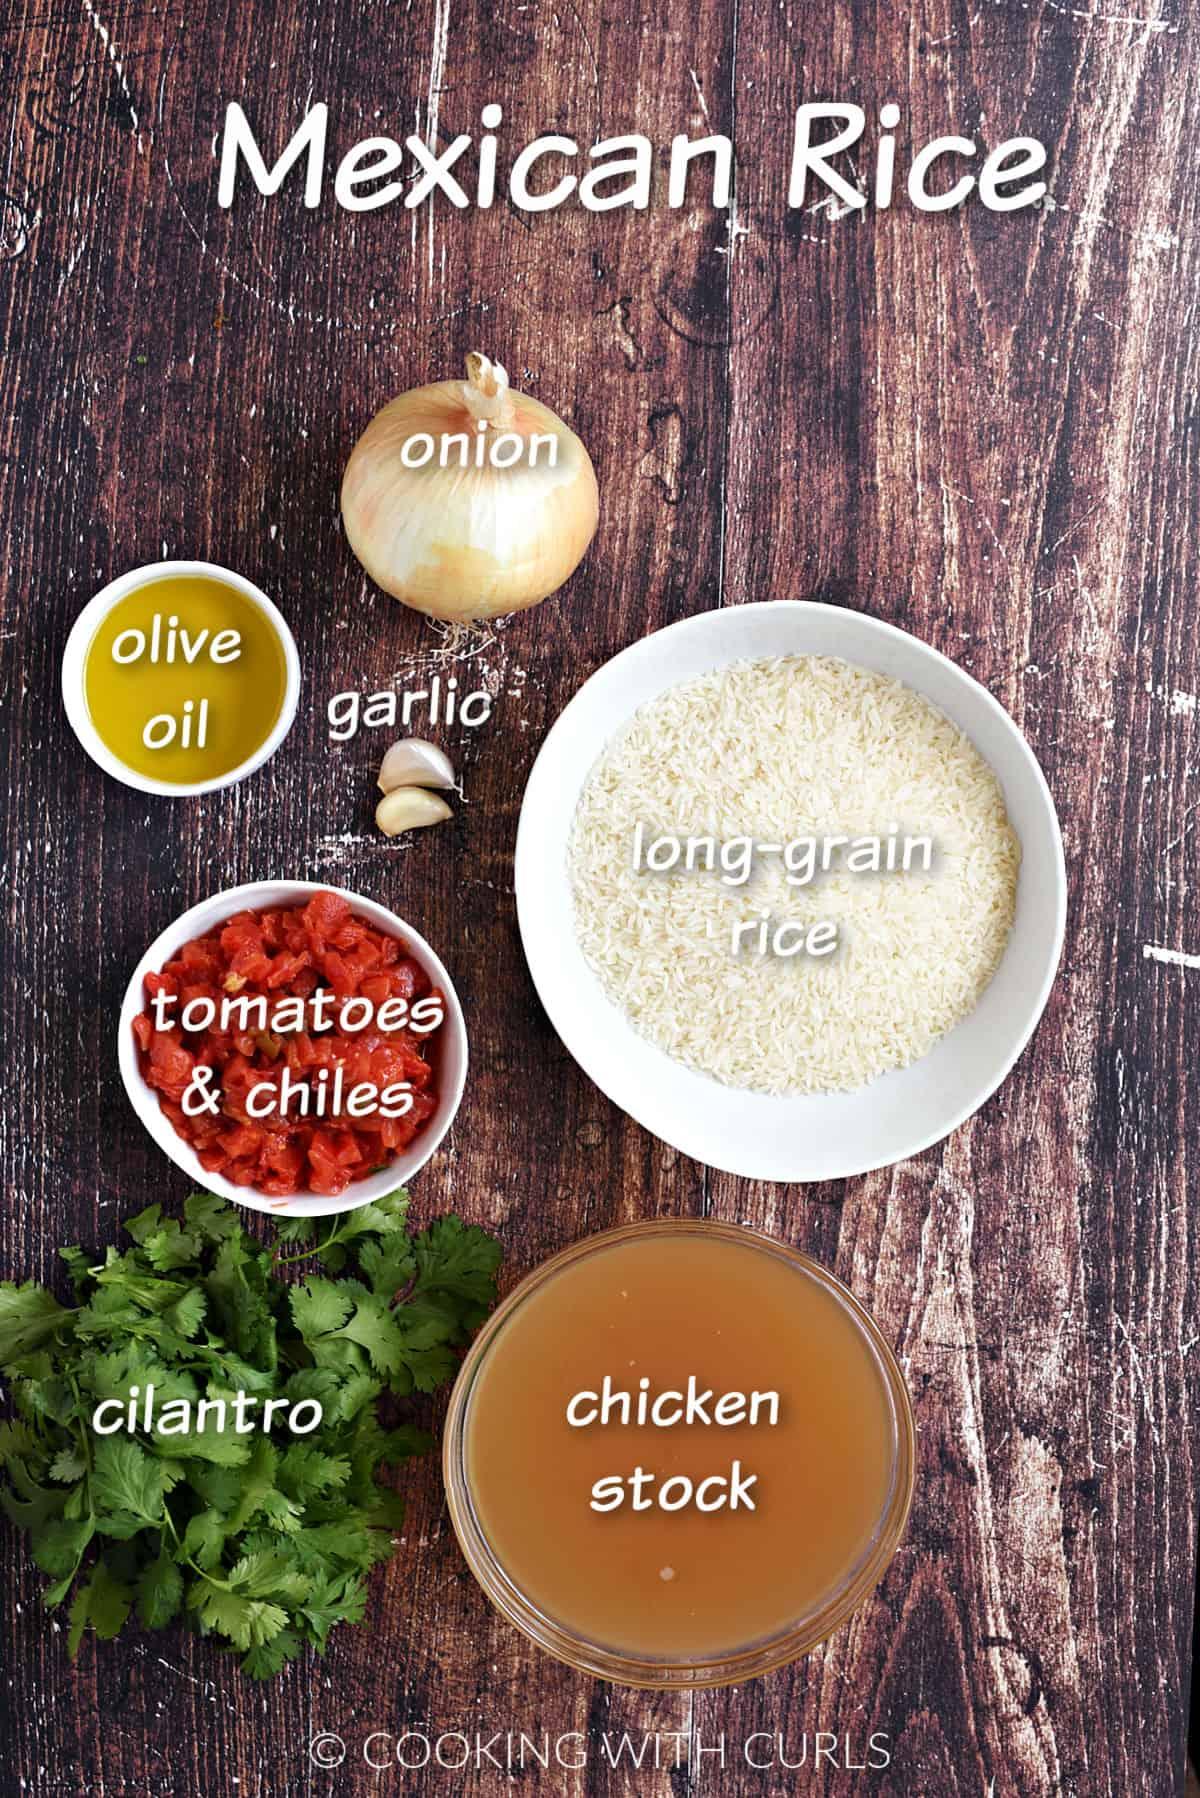 Rice, onion, garlic, oil, tomatoes, cilantro, and chicken stock.